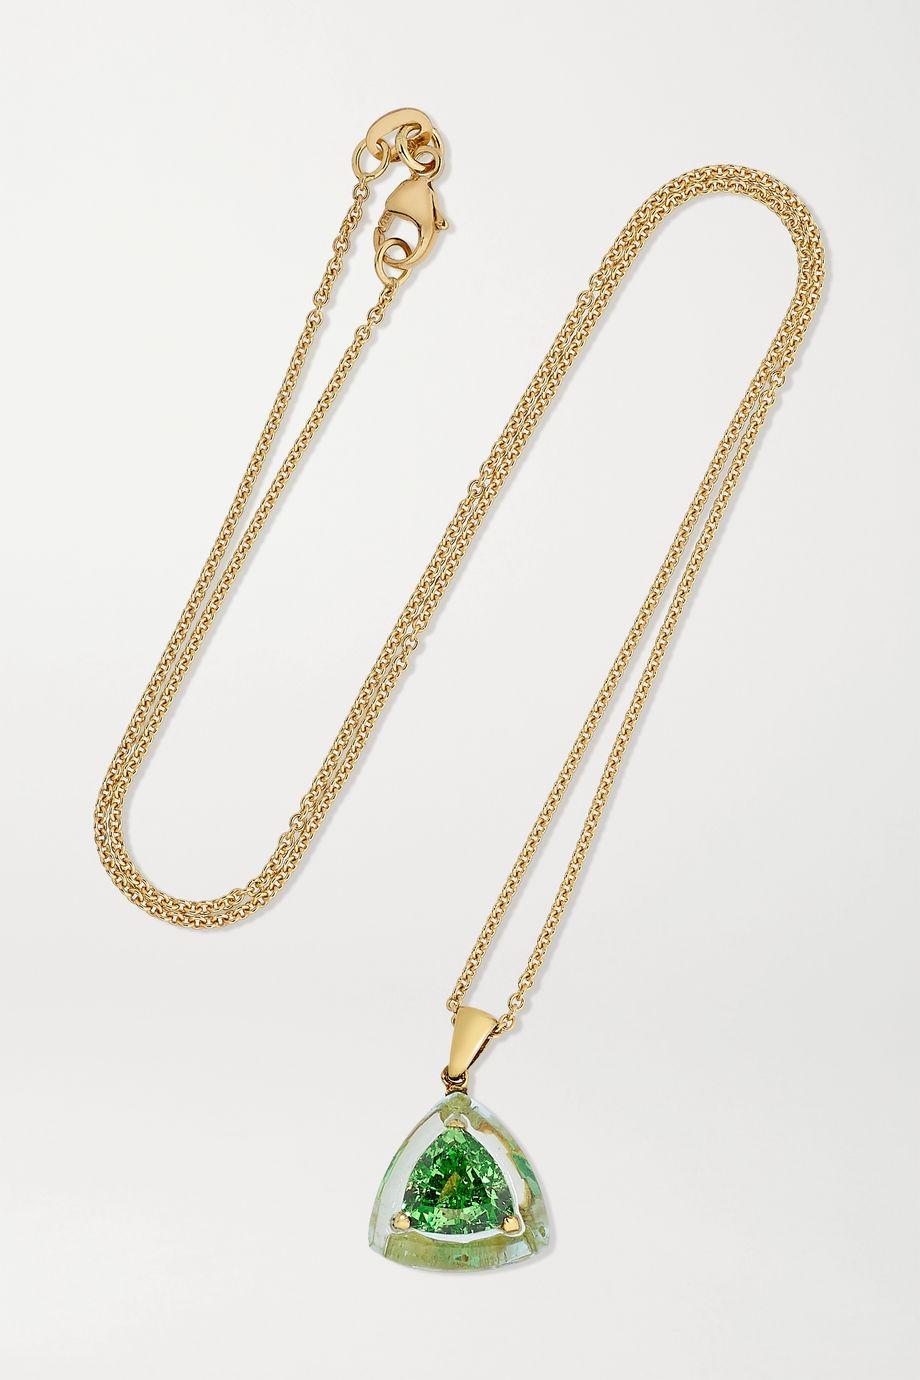 Boghossian Kette aus 18 Karat Gold mit Aquamarin und Tsavorit